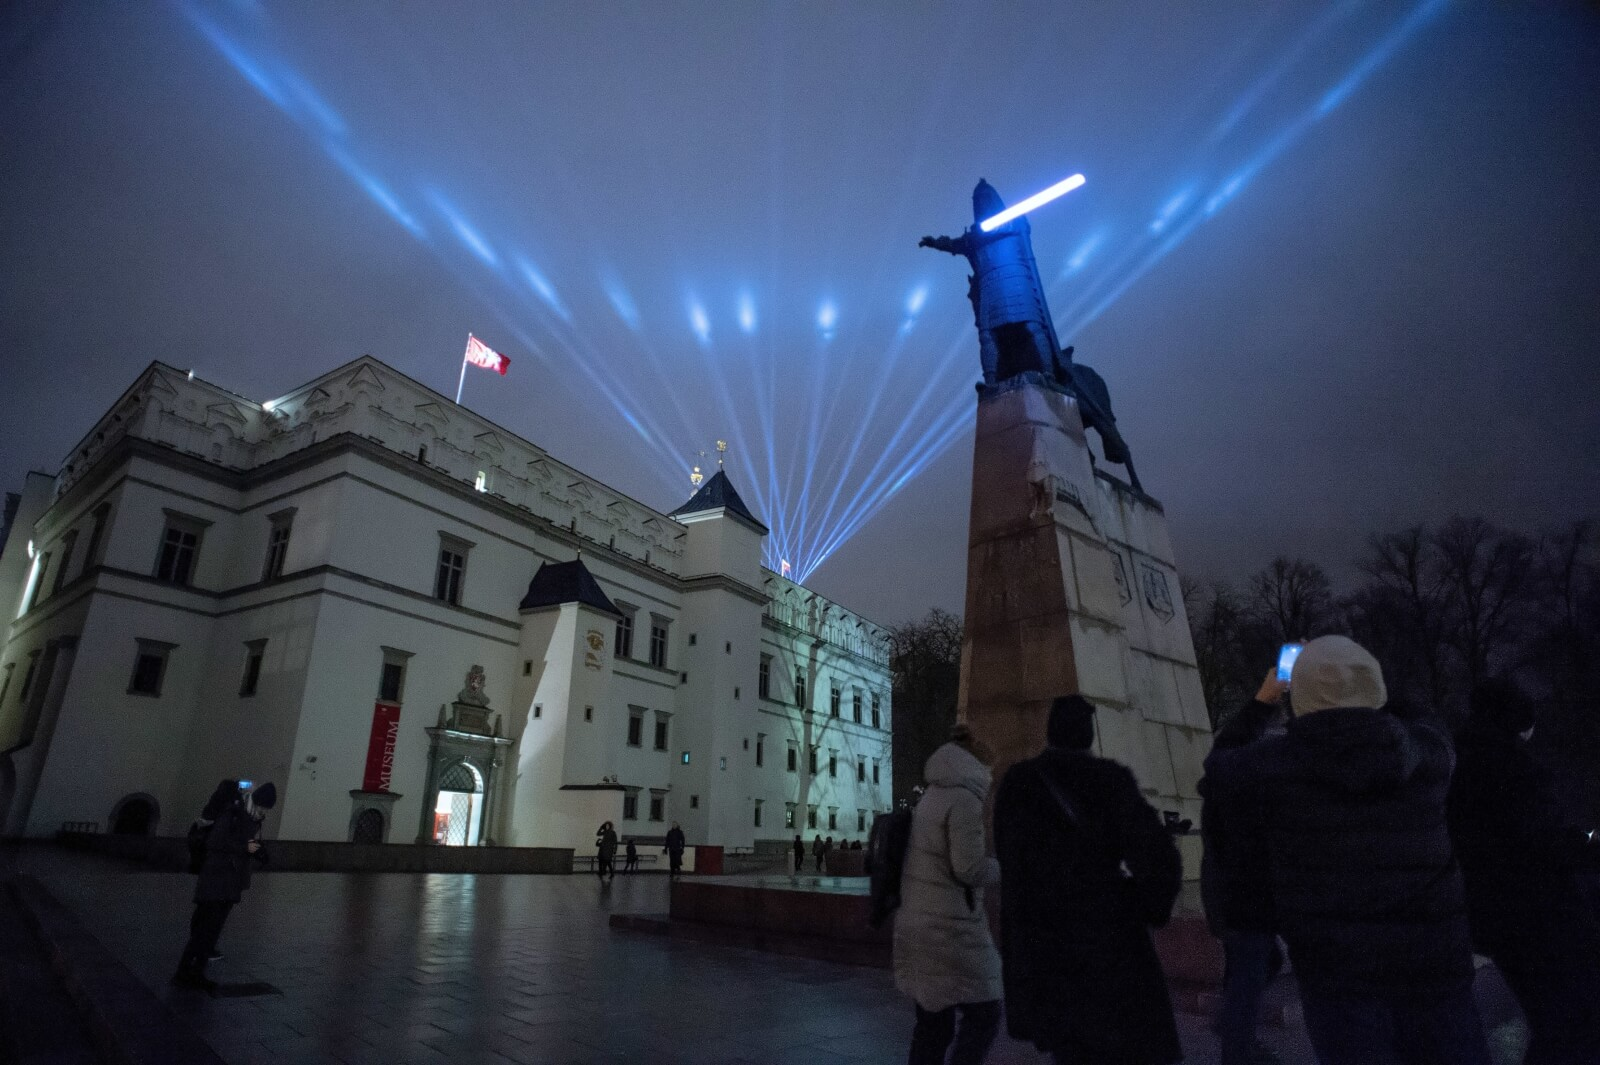 Festiwal świateł w Wilnie fot. PAP/Valdemar Doveiko